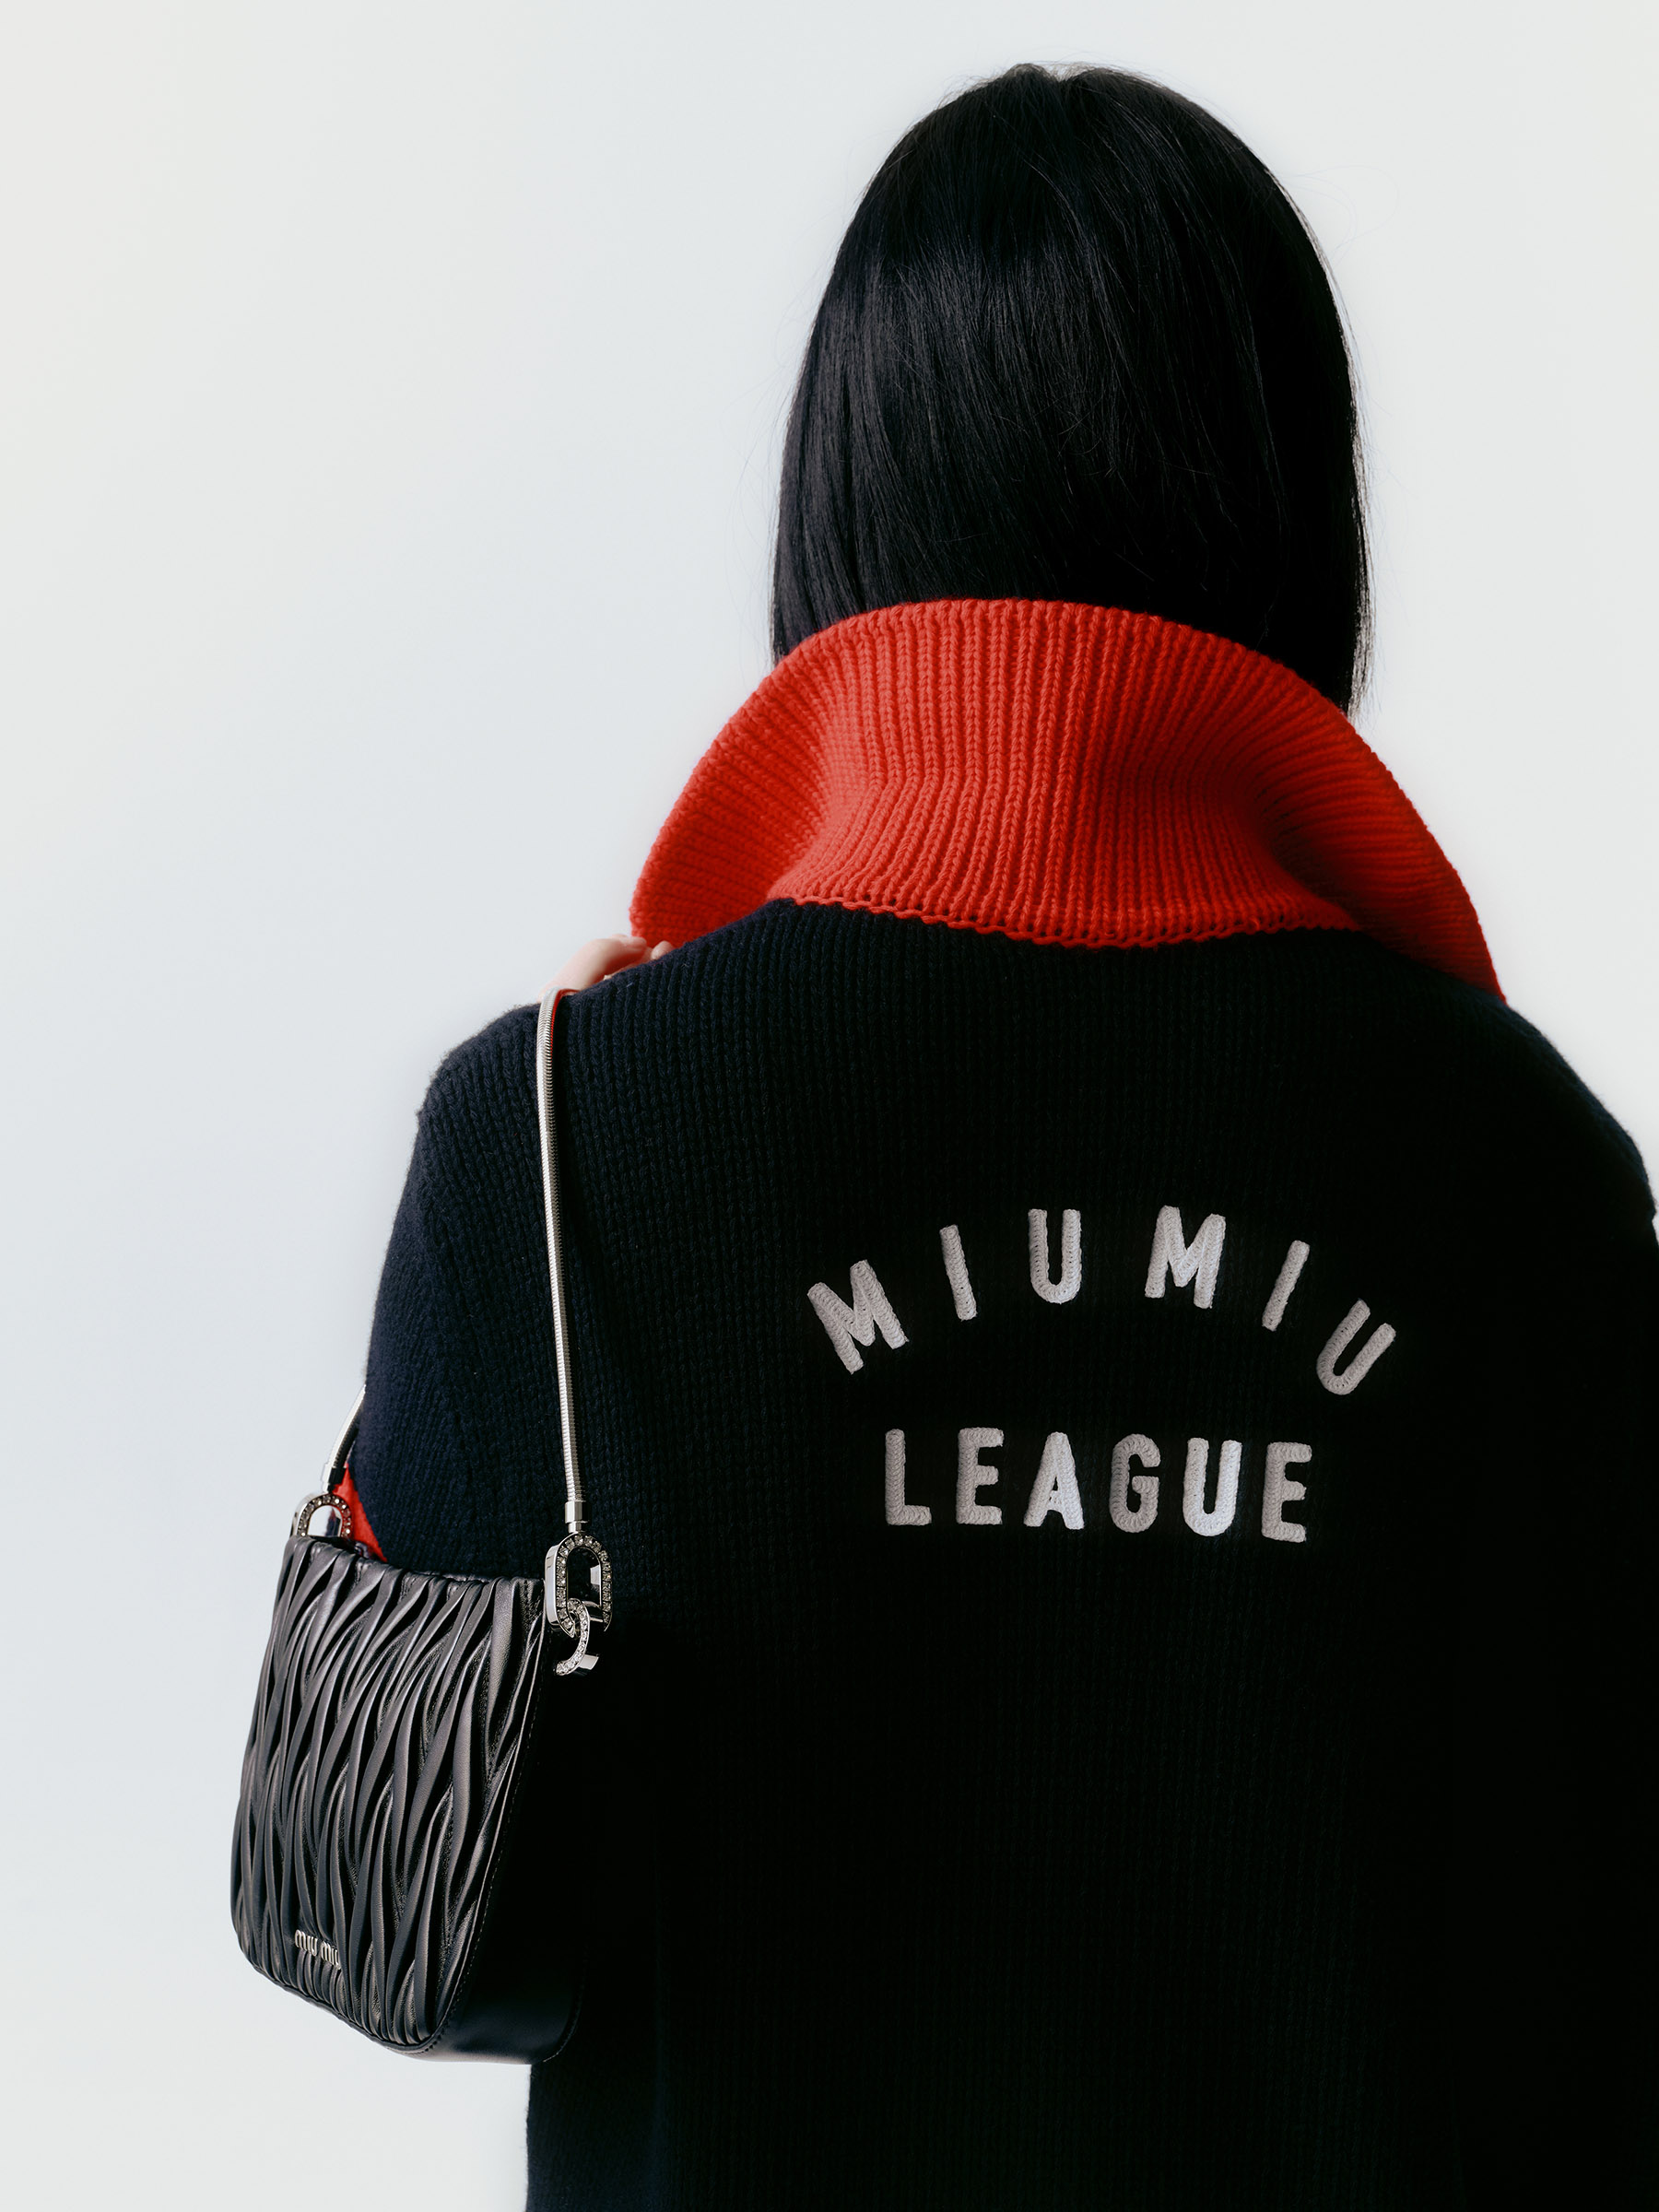 Miu Miu Chinese New Year 2021 Ad Campaign